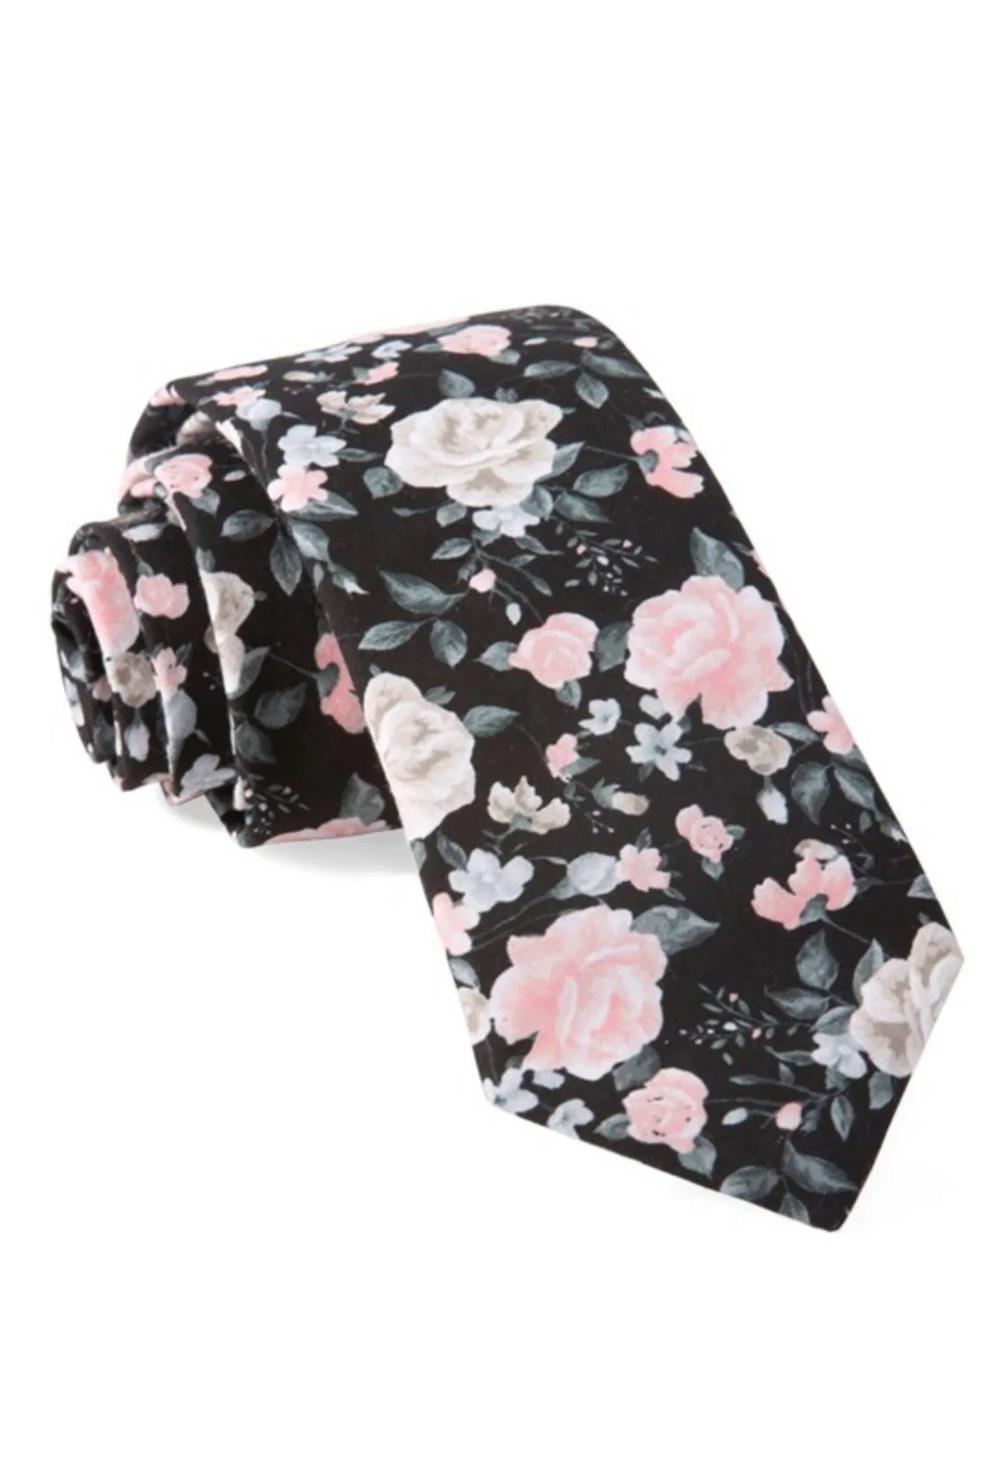 GWS x The Tie Bar Floral Arrangement Tie in Black Green